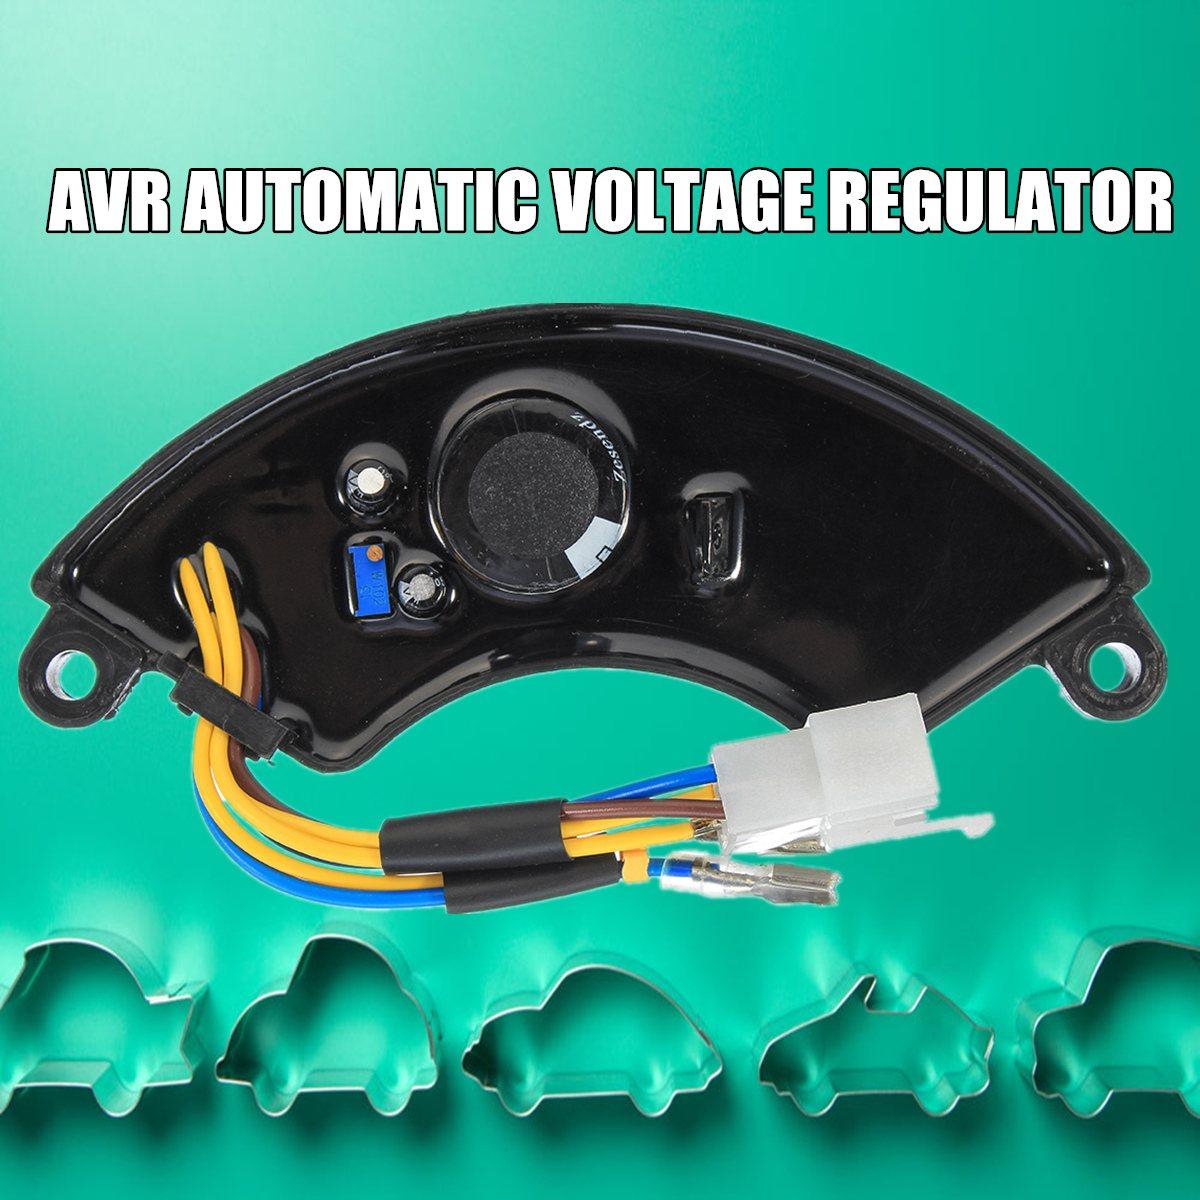 1Pcs Gasoline Generator Automatic Voltage Regulator AVR 1 Phase For 5KW 5.5KW 6KW 6.5KW Adjusting Range 160V-260V